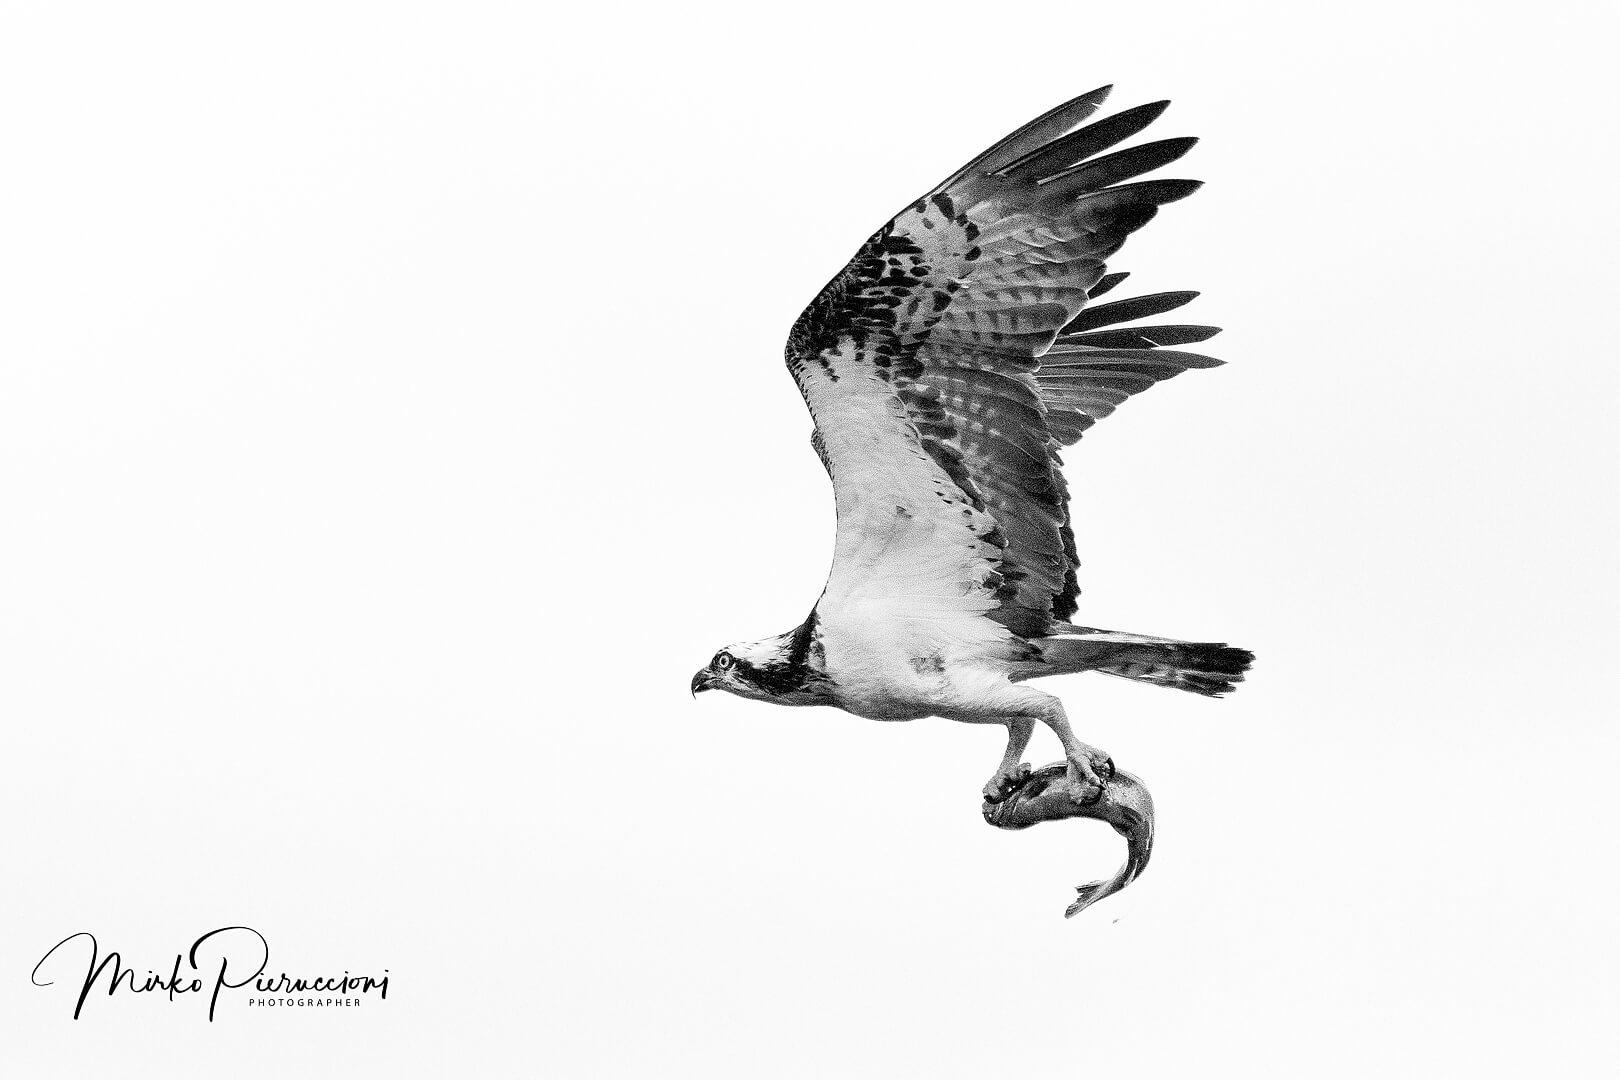 Finlandia-Falco-Pescatore-2017-1